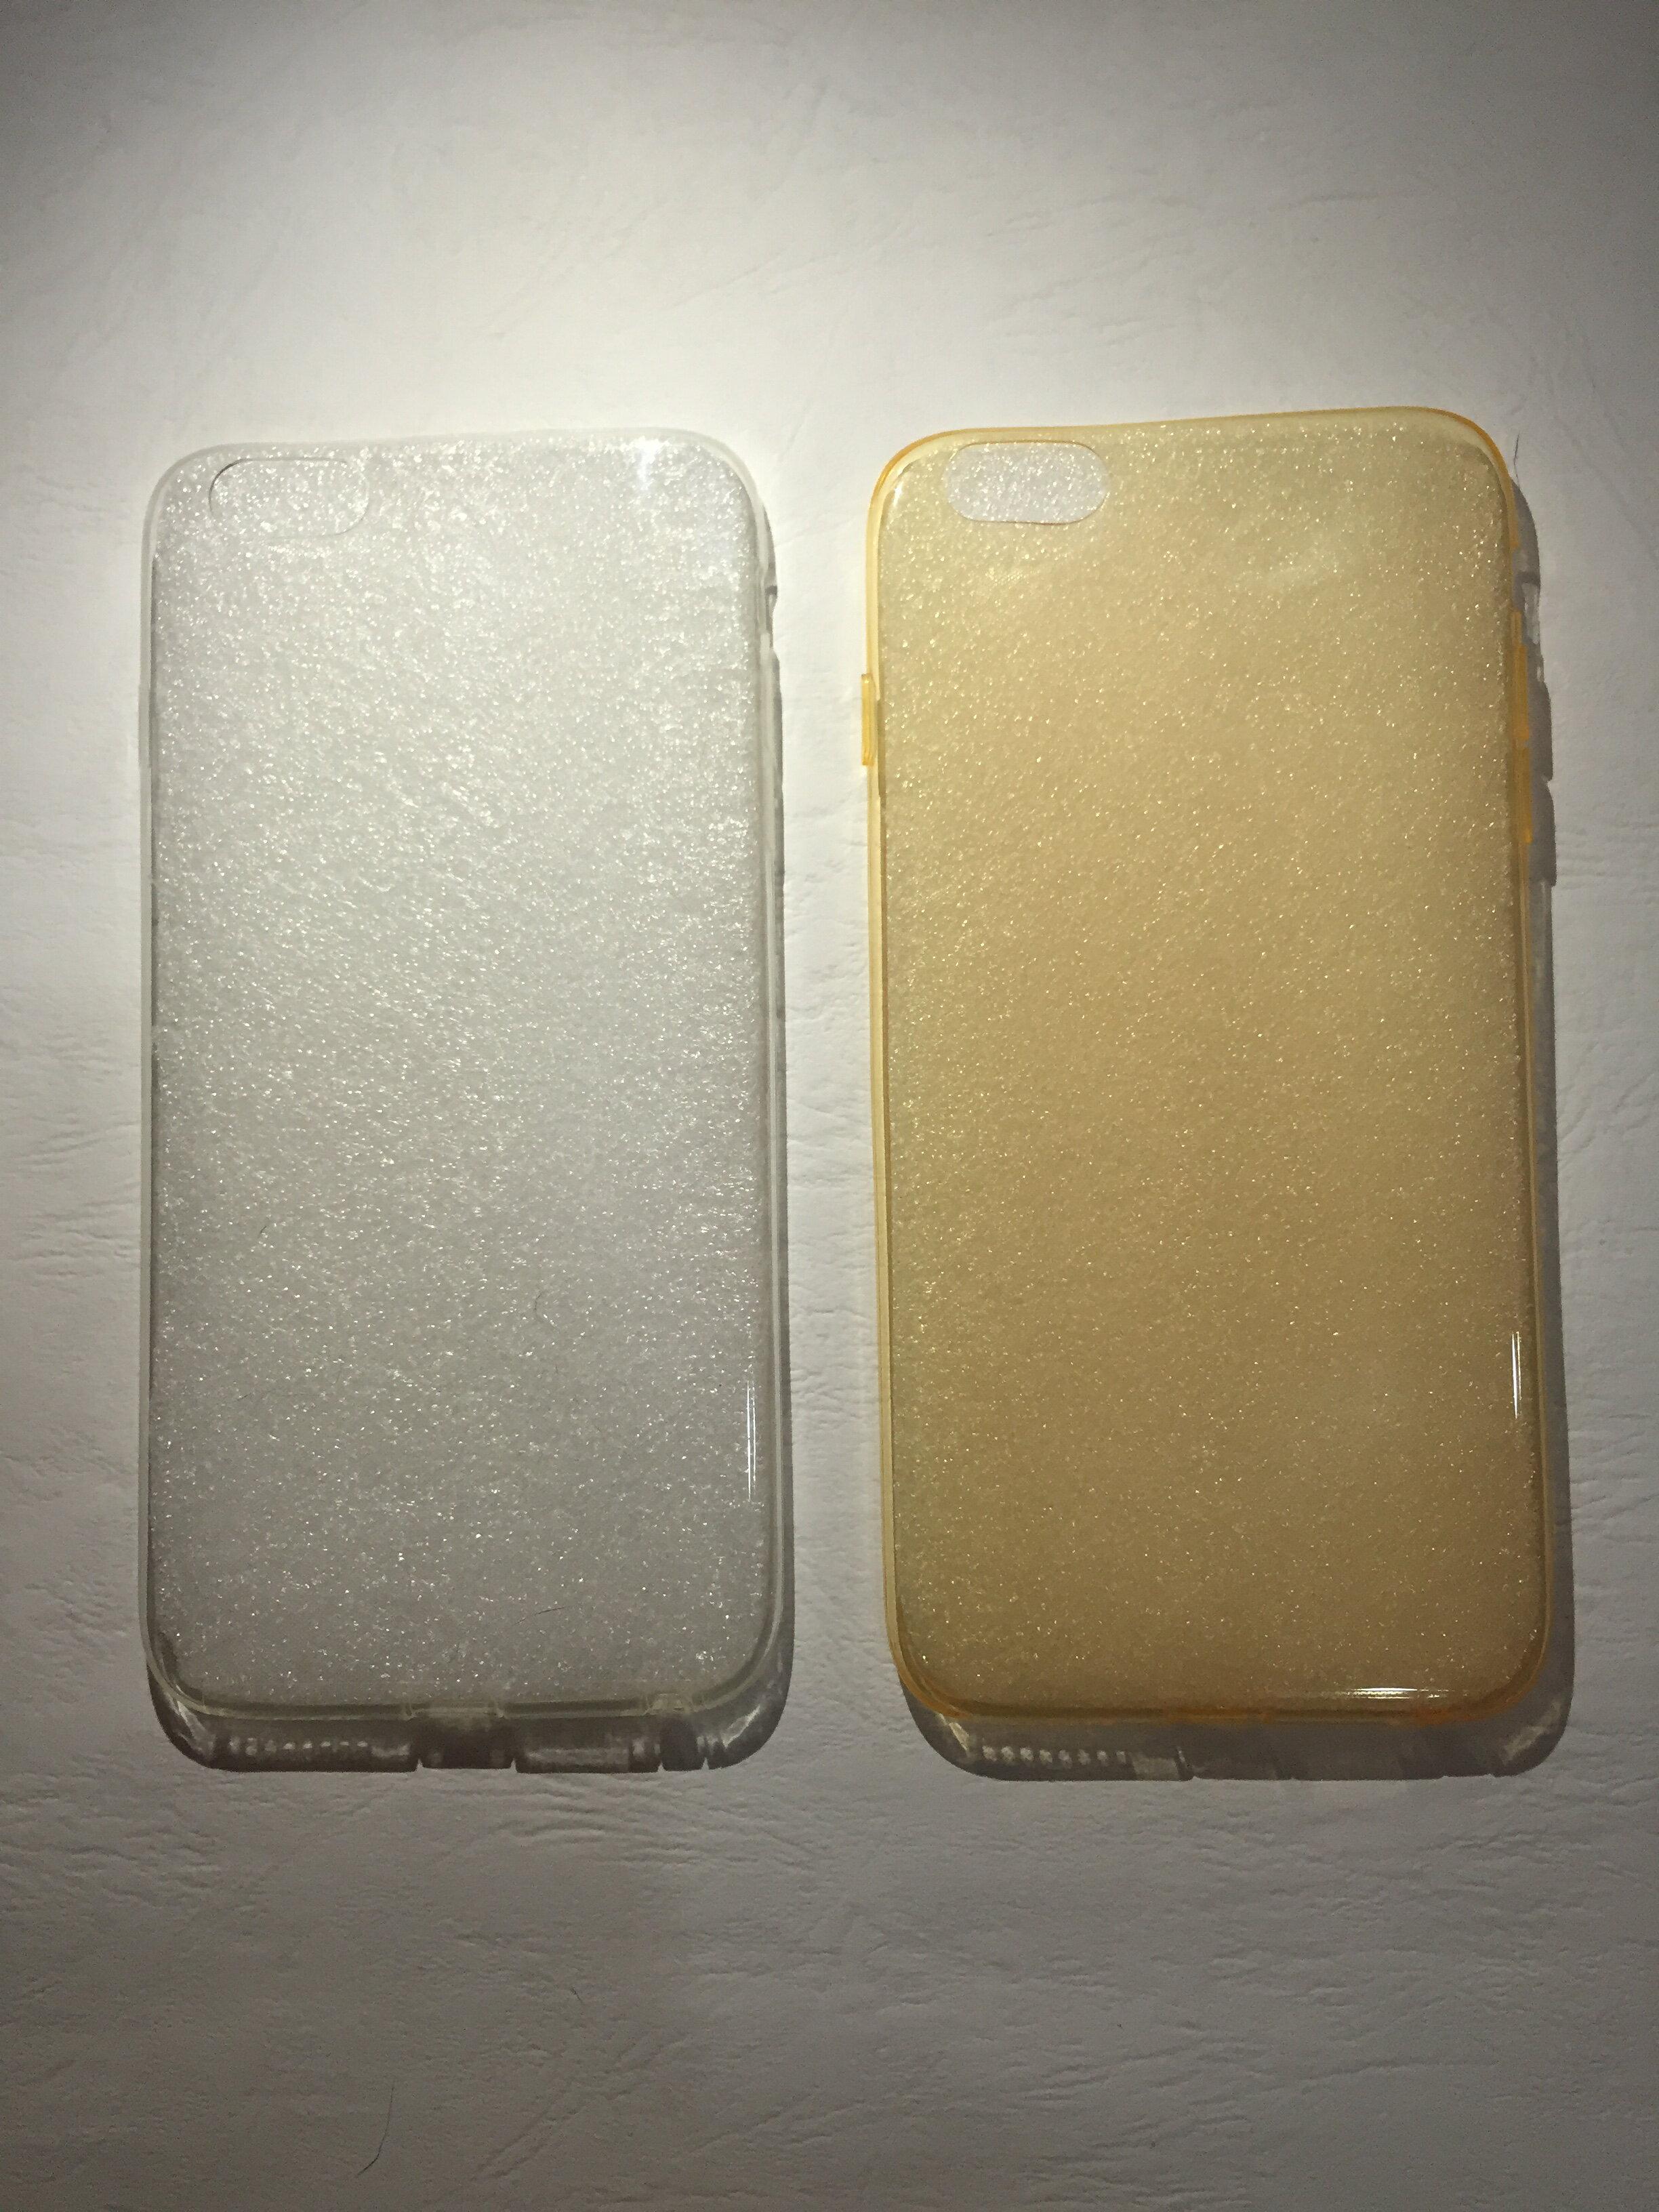 ELK蘋果IPHONE6/6S/6PLUS/6SPLUS (4.7吋/5.5吋) 還有貼心耳機&充電孔防塵設計唷~ 全透明 矽膠 果凍 柔軟 手機殼 保護套 軟殼